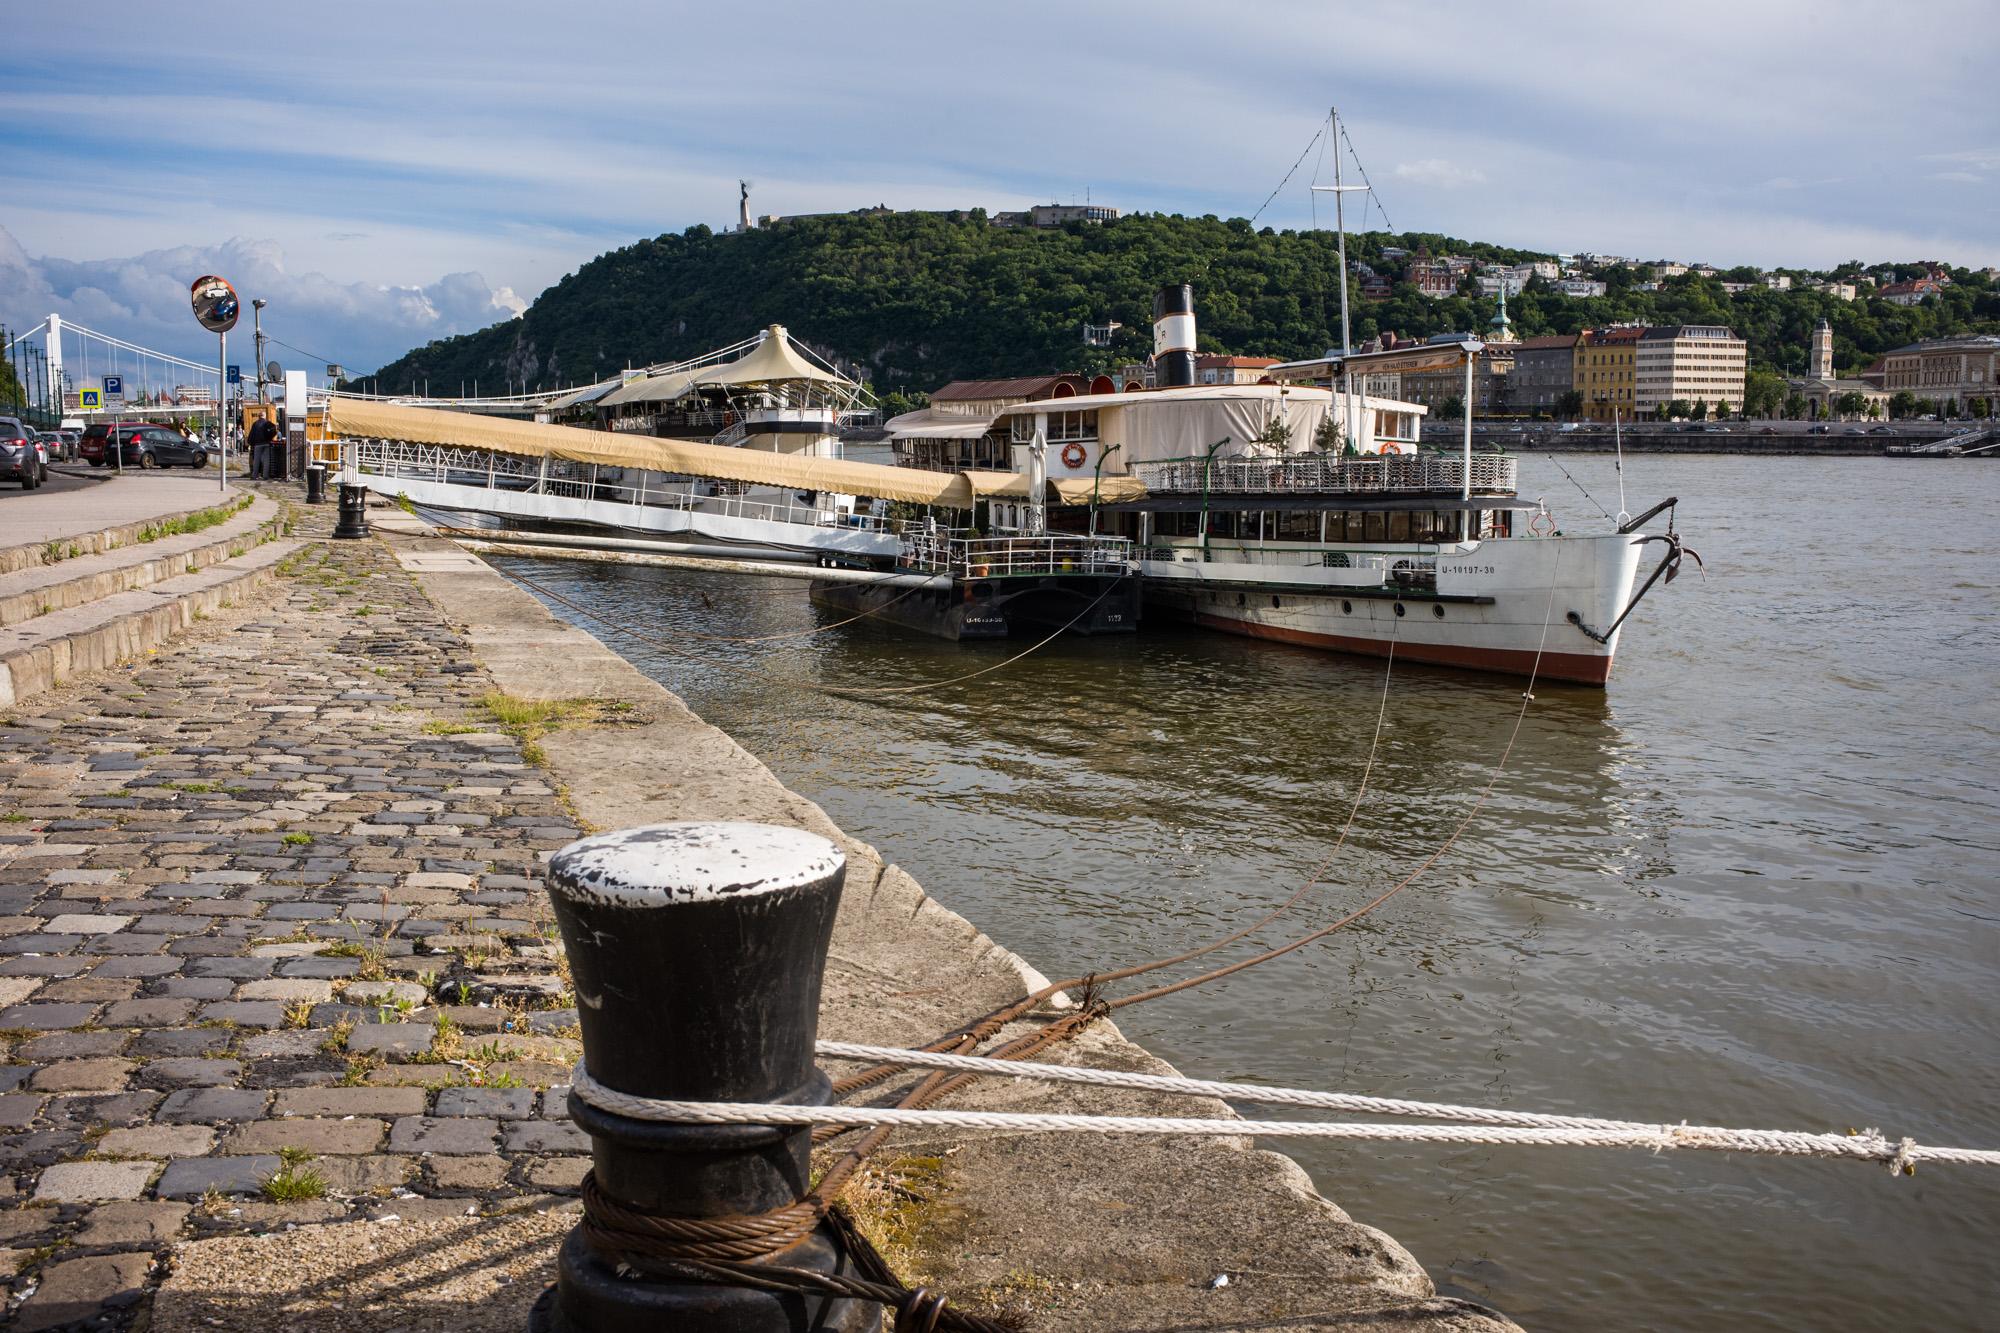 The Danube in Budapest